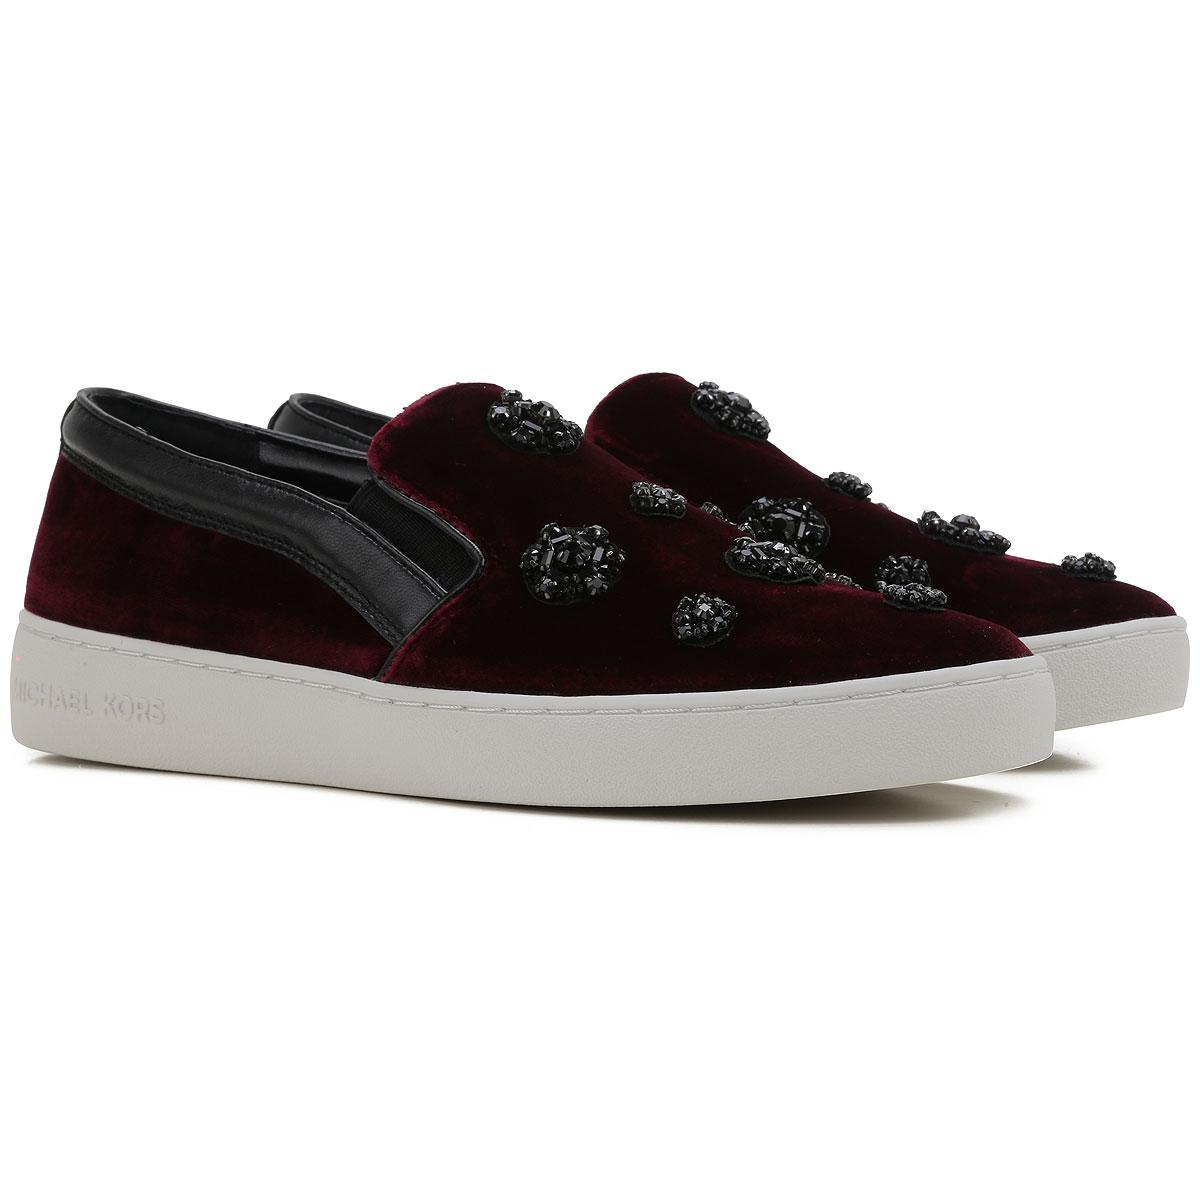 Michael Kors Slip on Sneakers for Women On Sale in Outlet, Plum, Velvet, 2019, 3.5 4